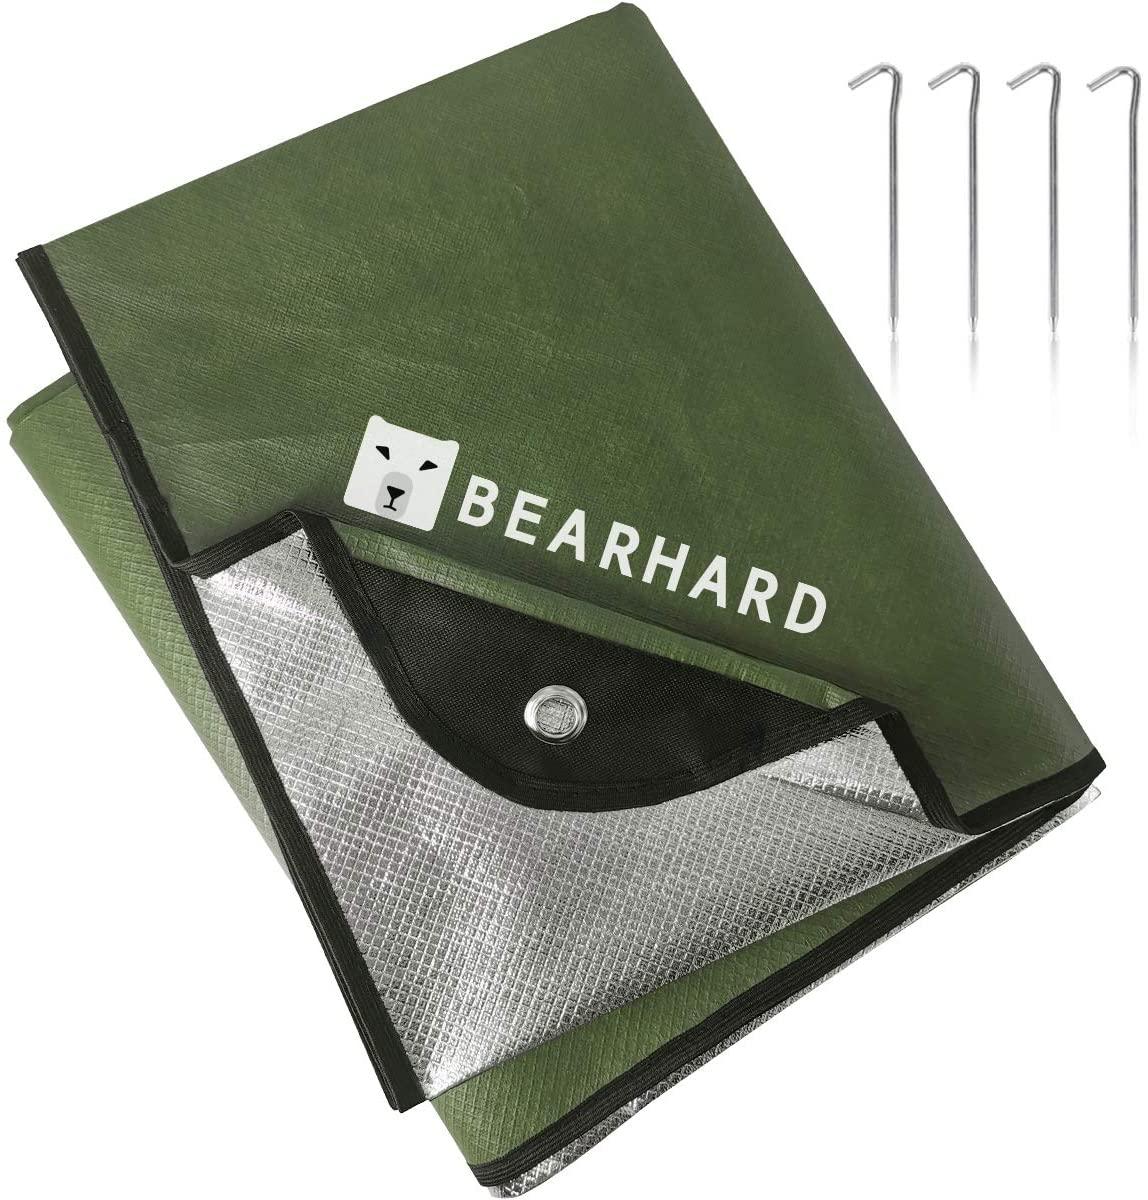 Bearhard Heavy Duty Emergency Blanket